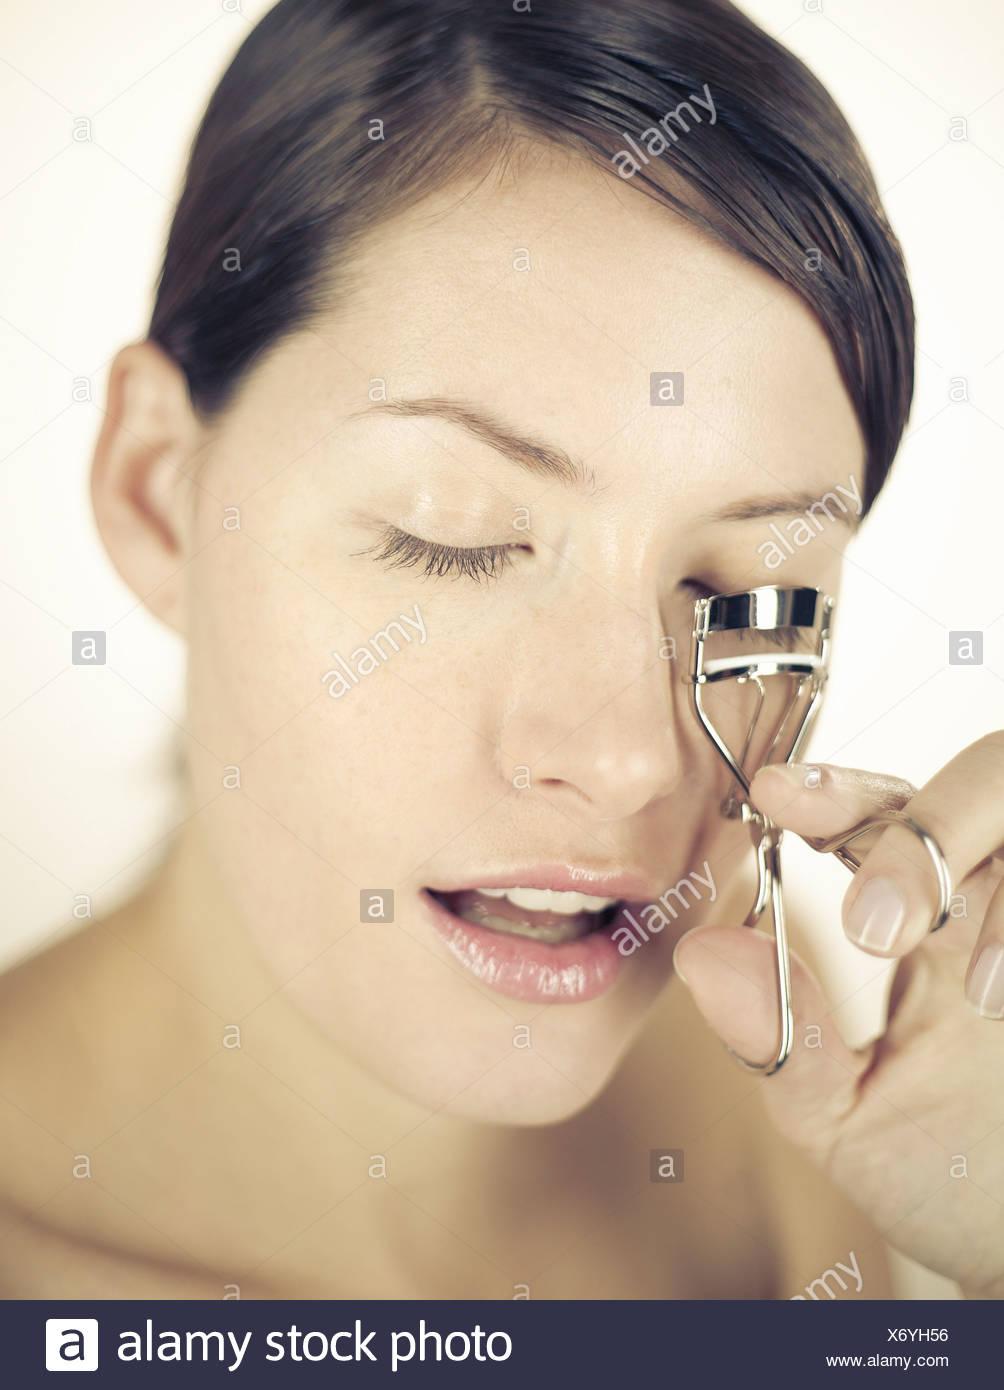 Une jeune femme à l'aide d'eyelash curlers Photo Stock